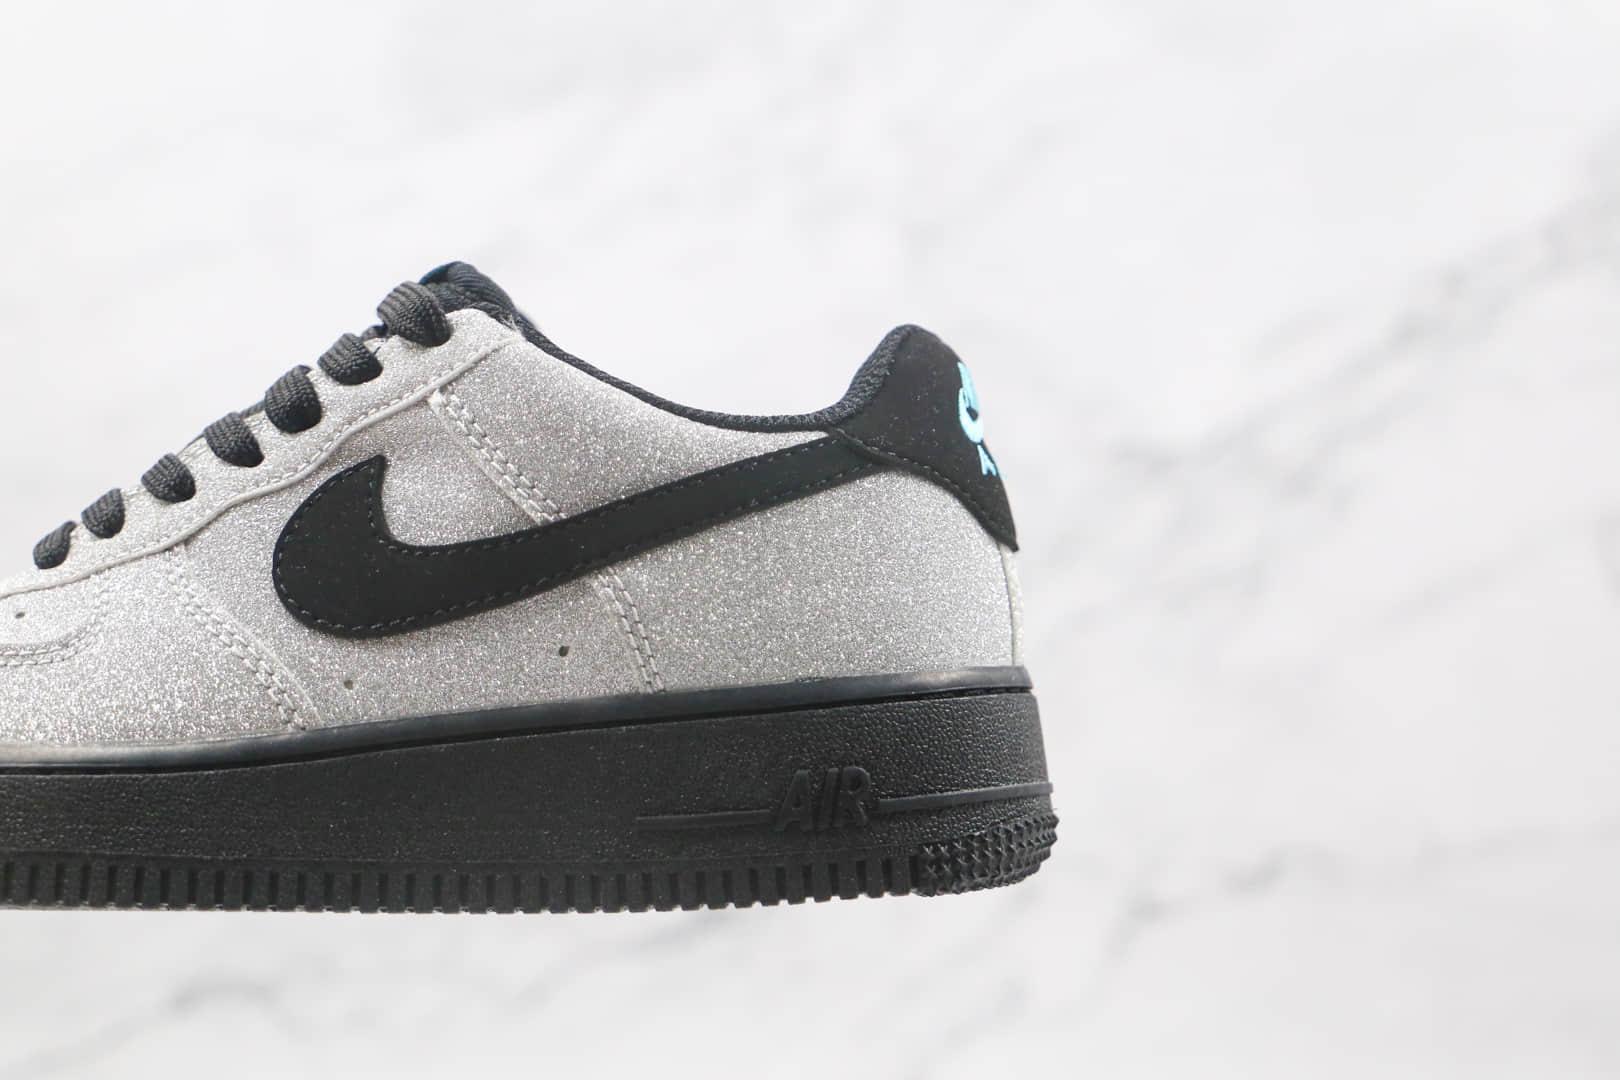 耐克Nike Air Force 1 AF1 Tiffany纯原版本低帮空军一号银黑色钻石珠光闪光板鞋内置Sole气垫 货号:718152-005